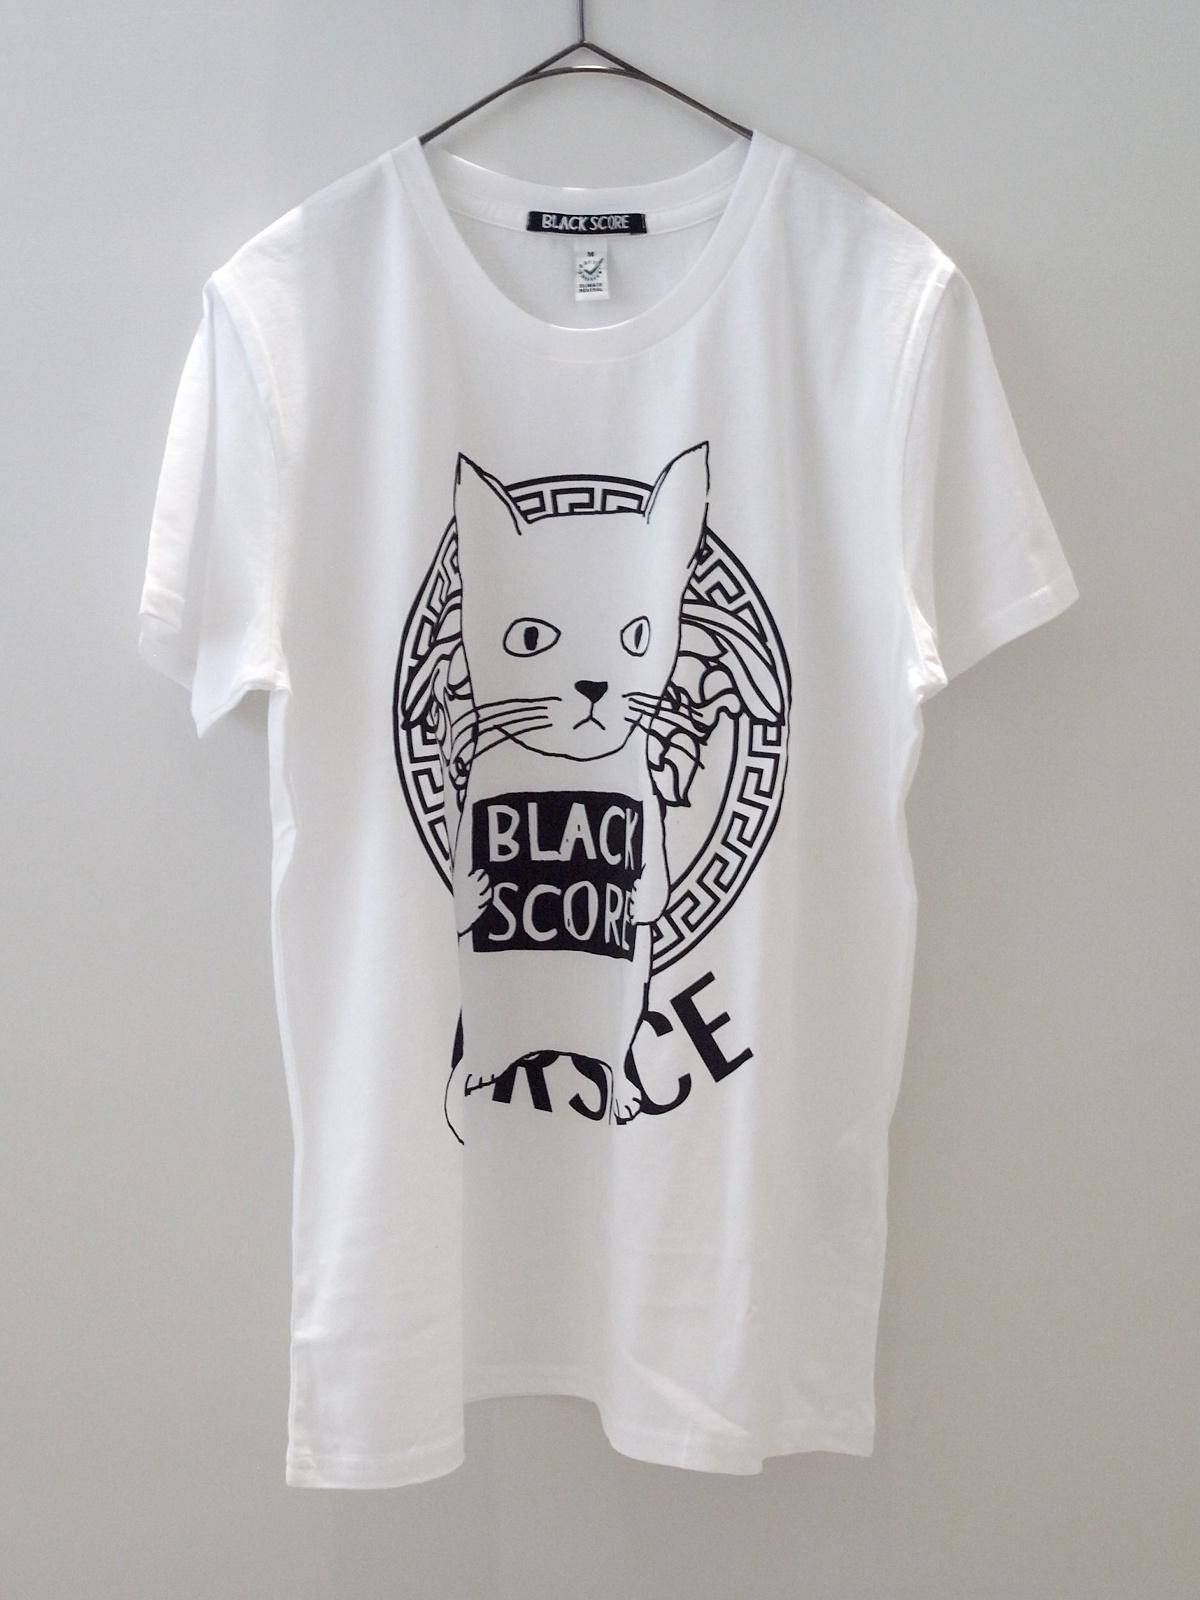 BLACK SCORE ブラックスコアの Tシャツが入荷いたしました!_c0176078_14405419.jpg